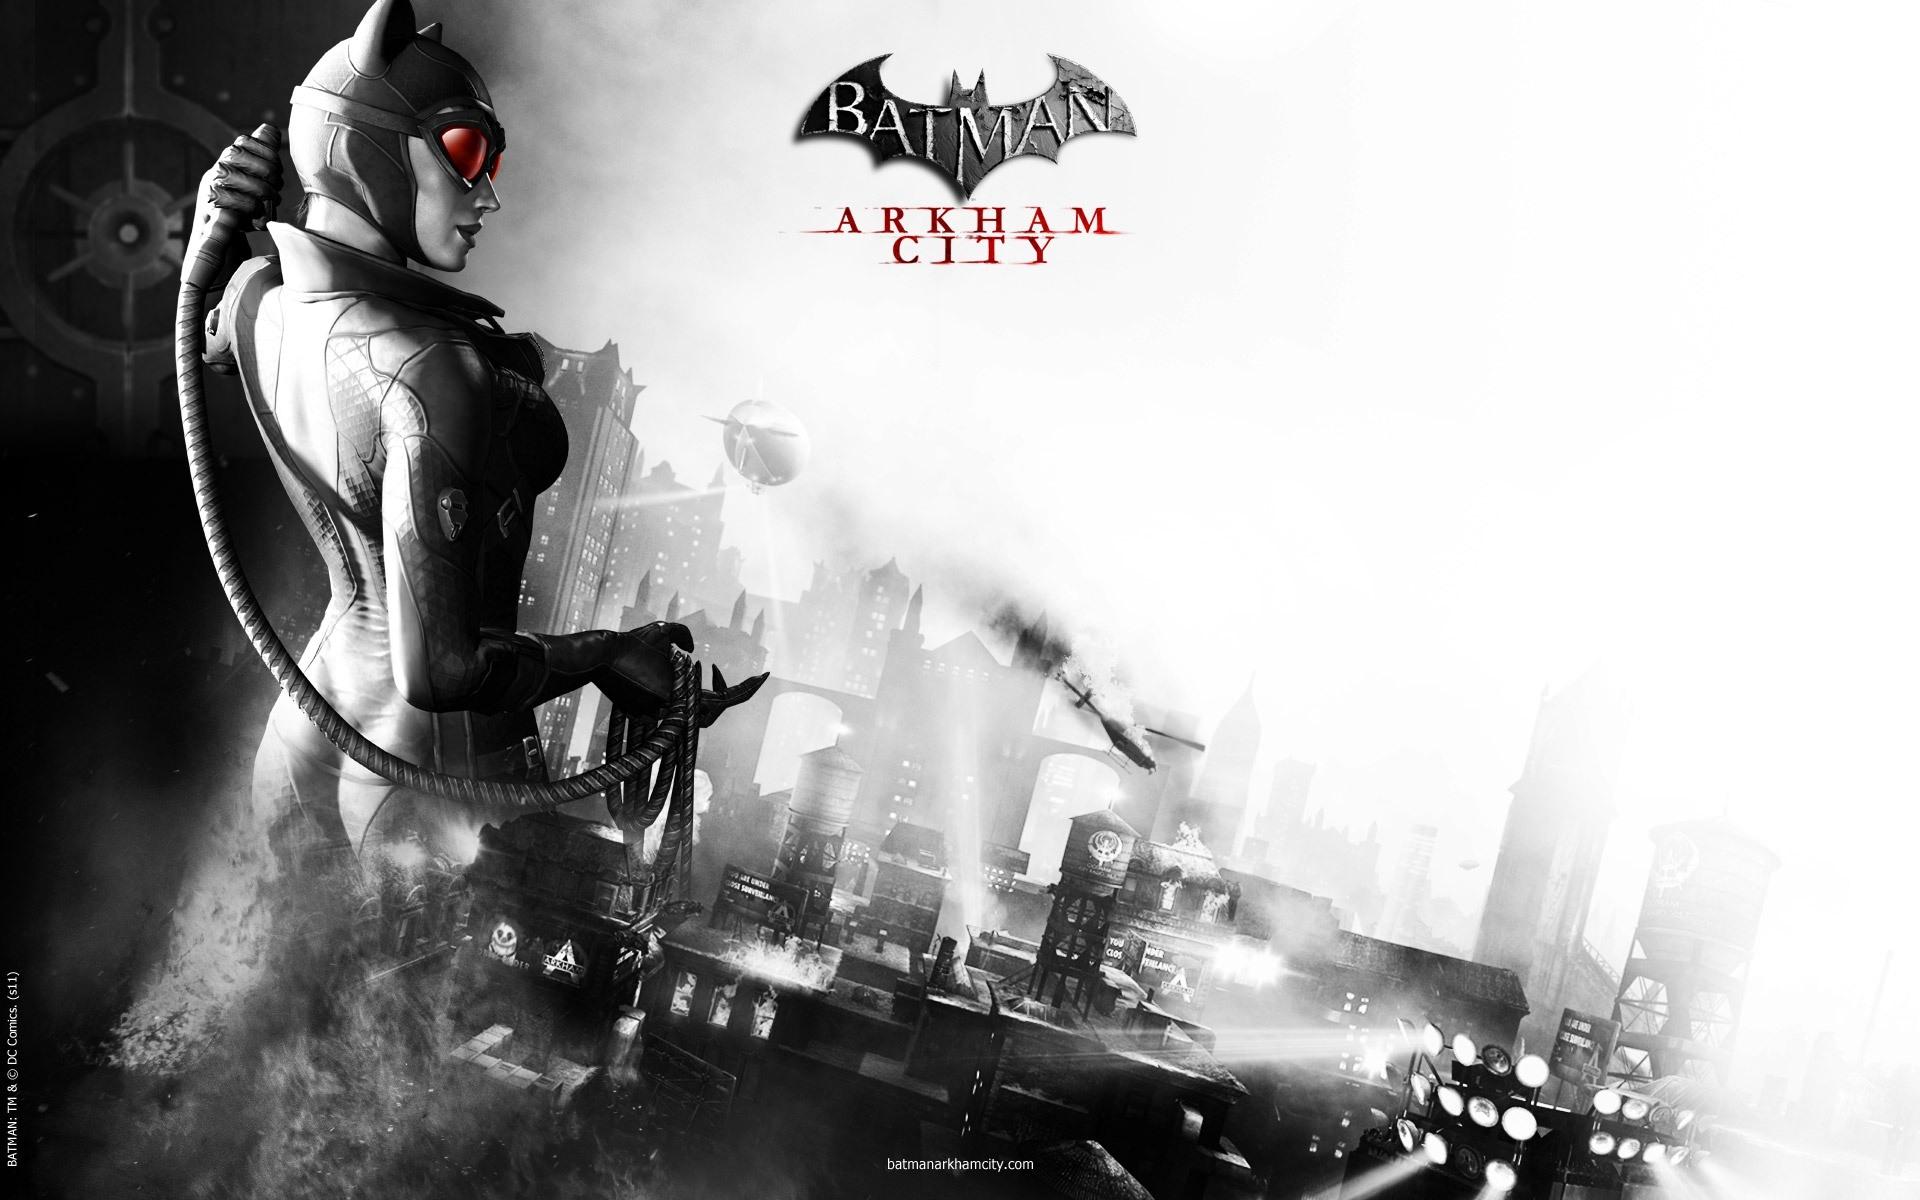 Catwoman from Batman Arkham City desktop wallpaper 1920x1200